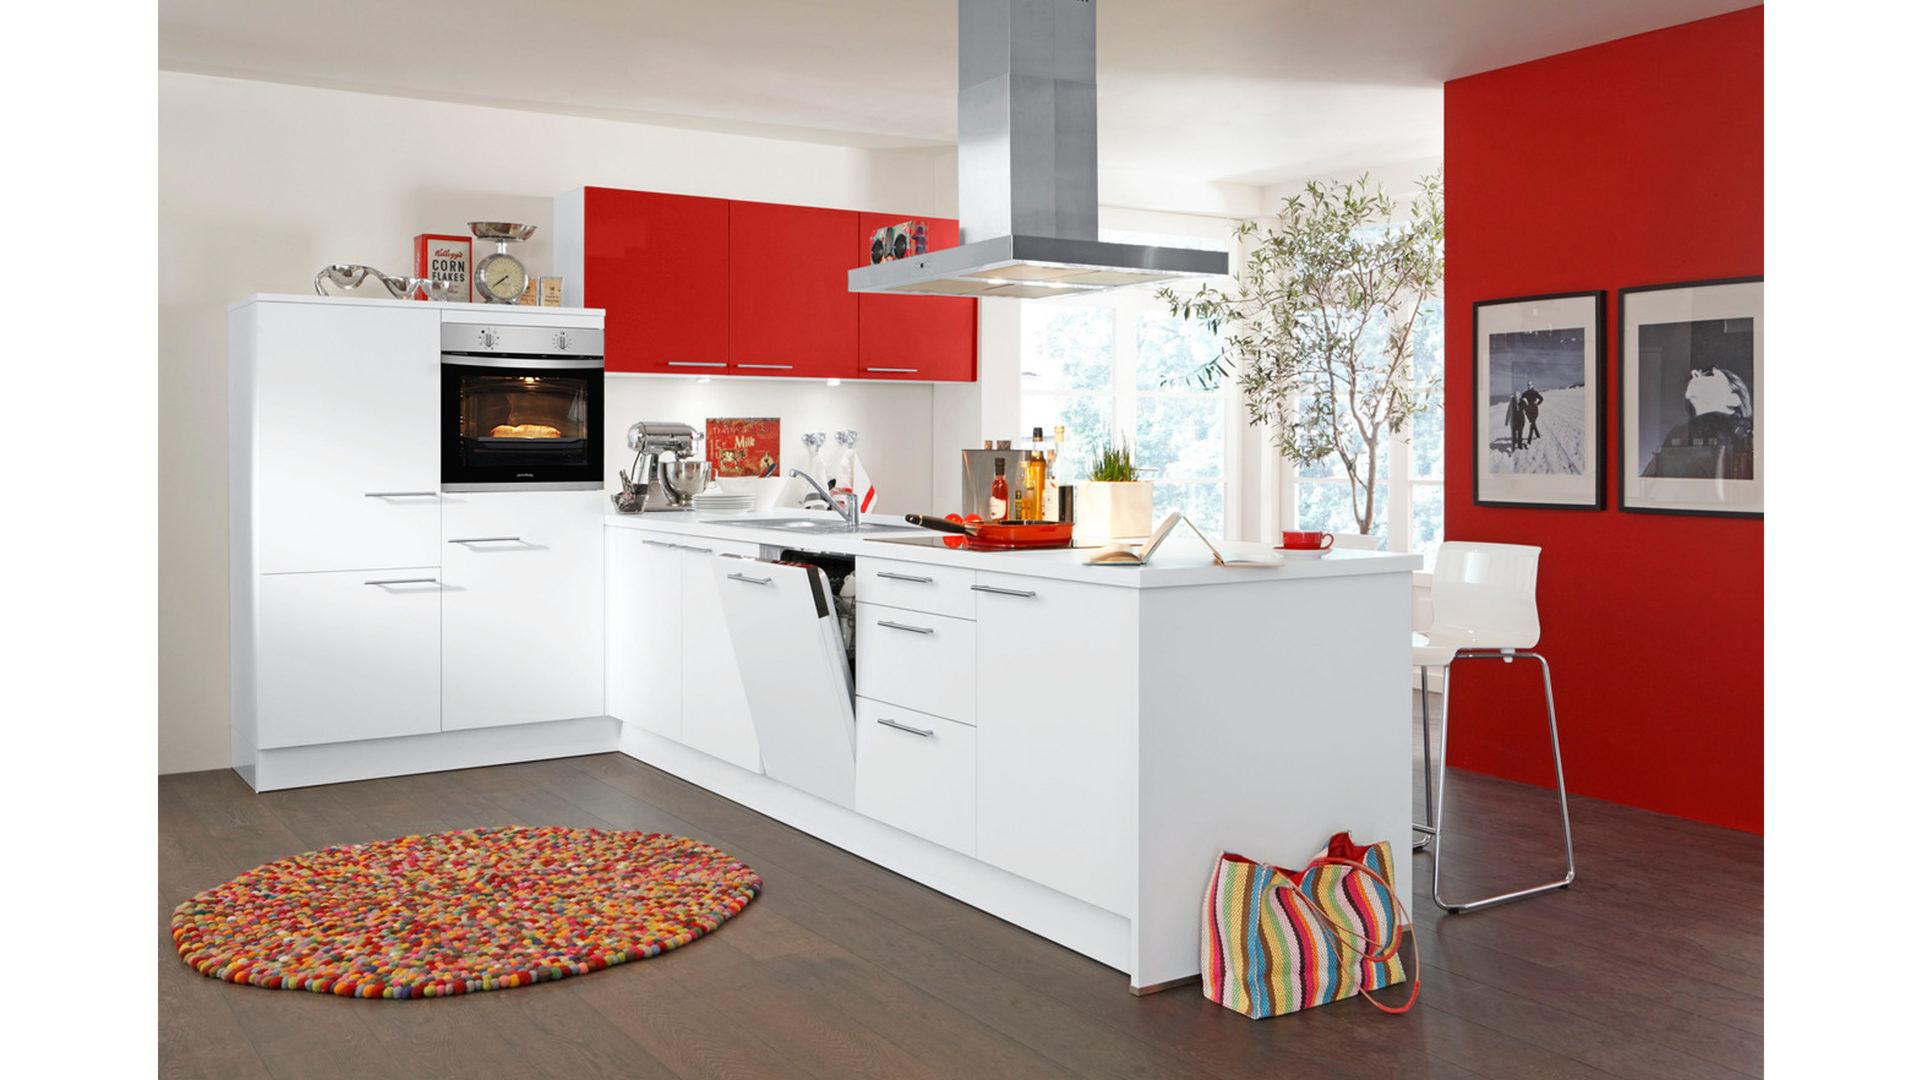 Privileg Retro Kühlschrank : Einbauküche mit privileg elektrogeräten wie kühlschrank